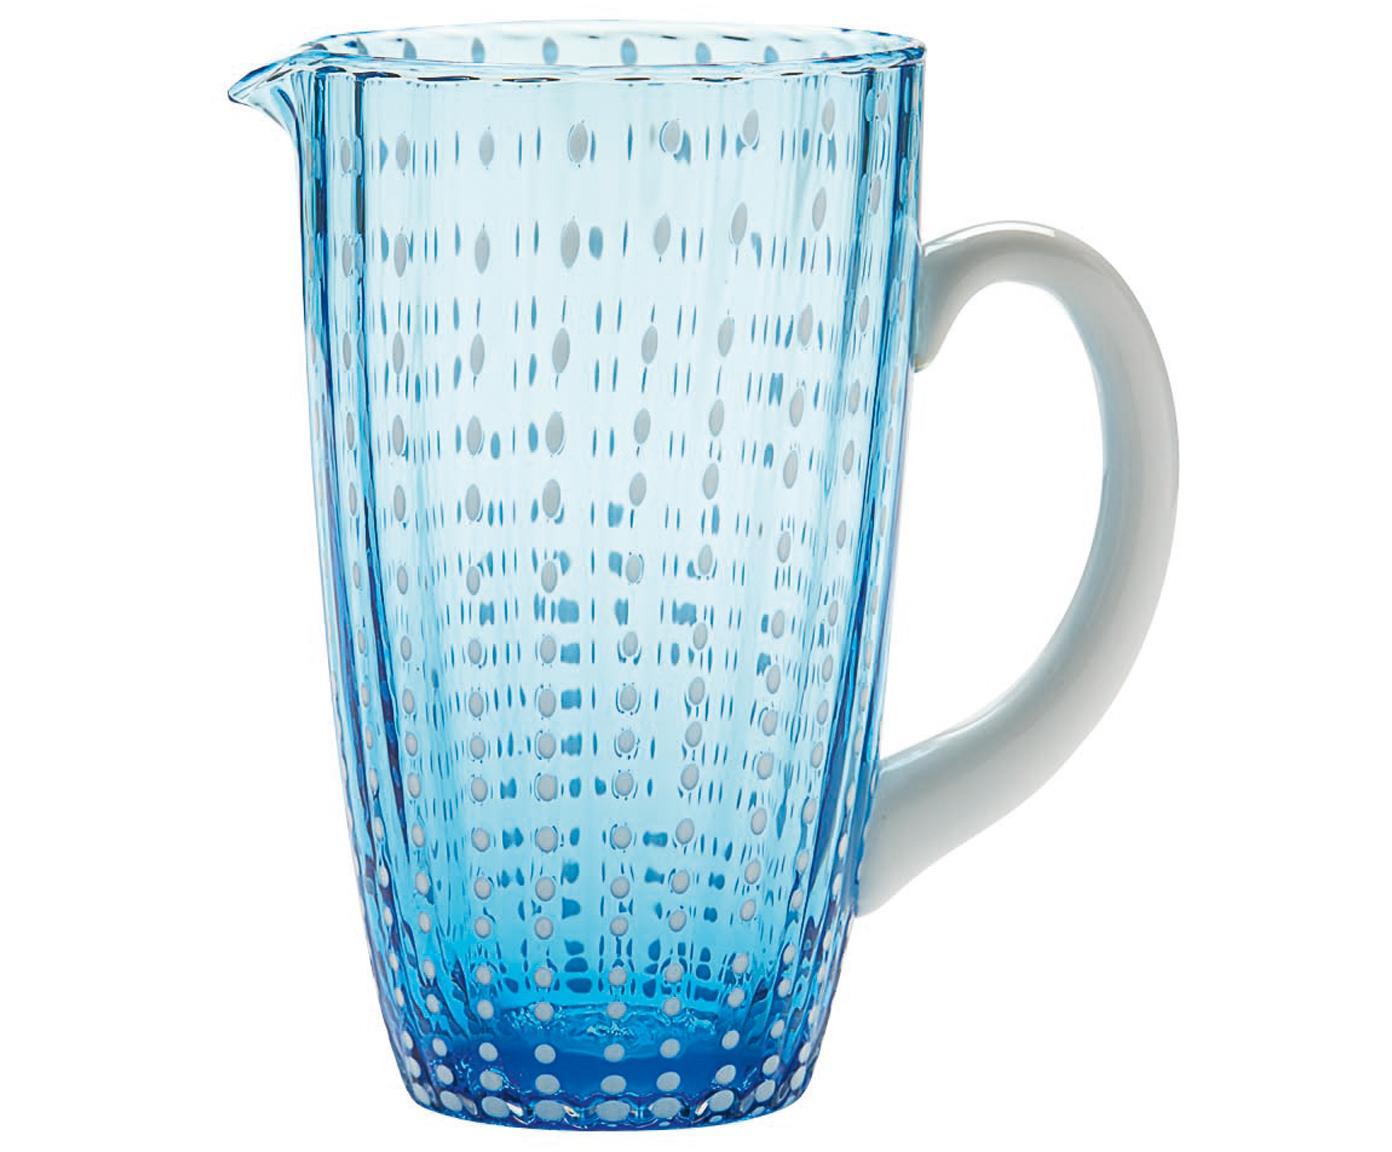 Karafka ze szkła dmuchanego Perle, Szkło, Morski, biały, transparentny, 1,6 l